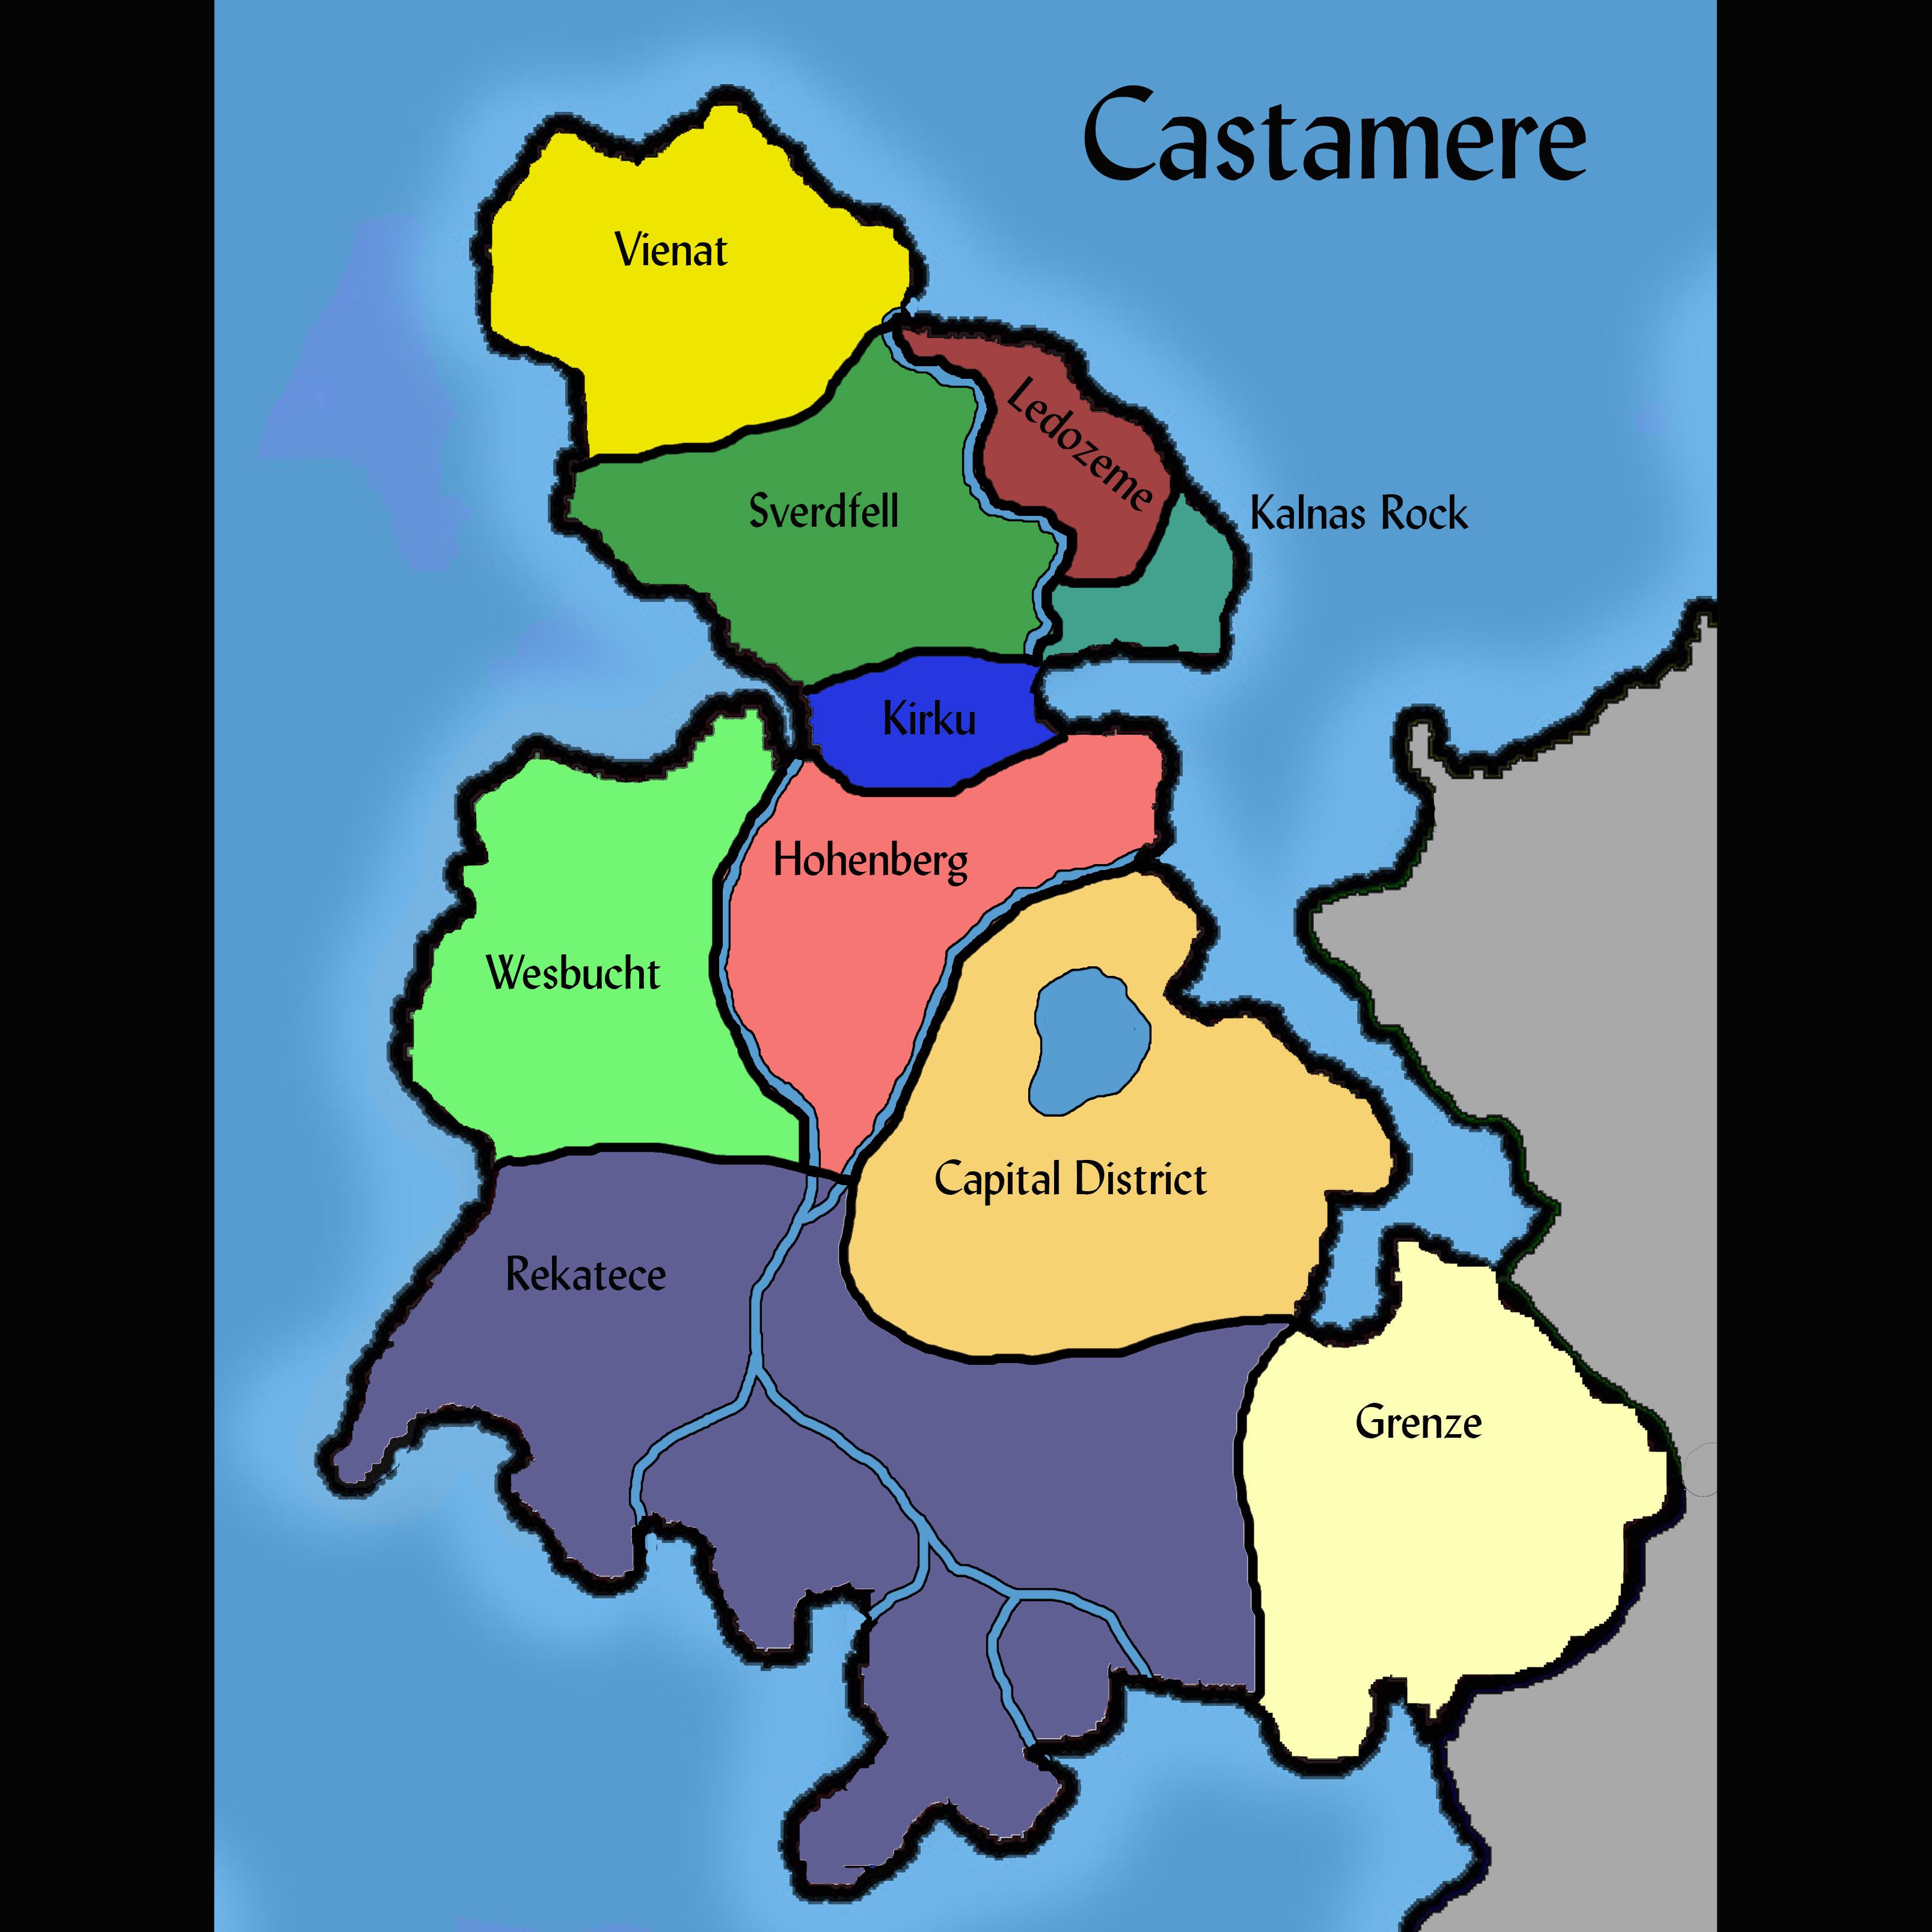 Castamere